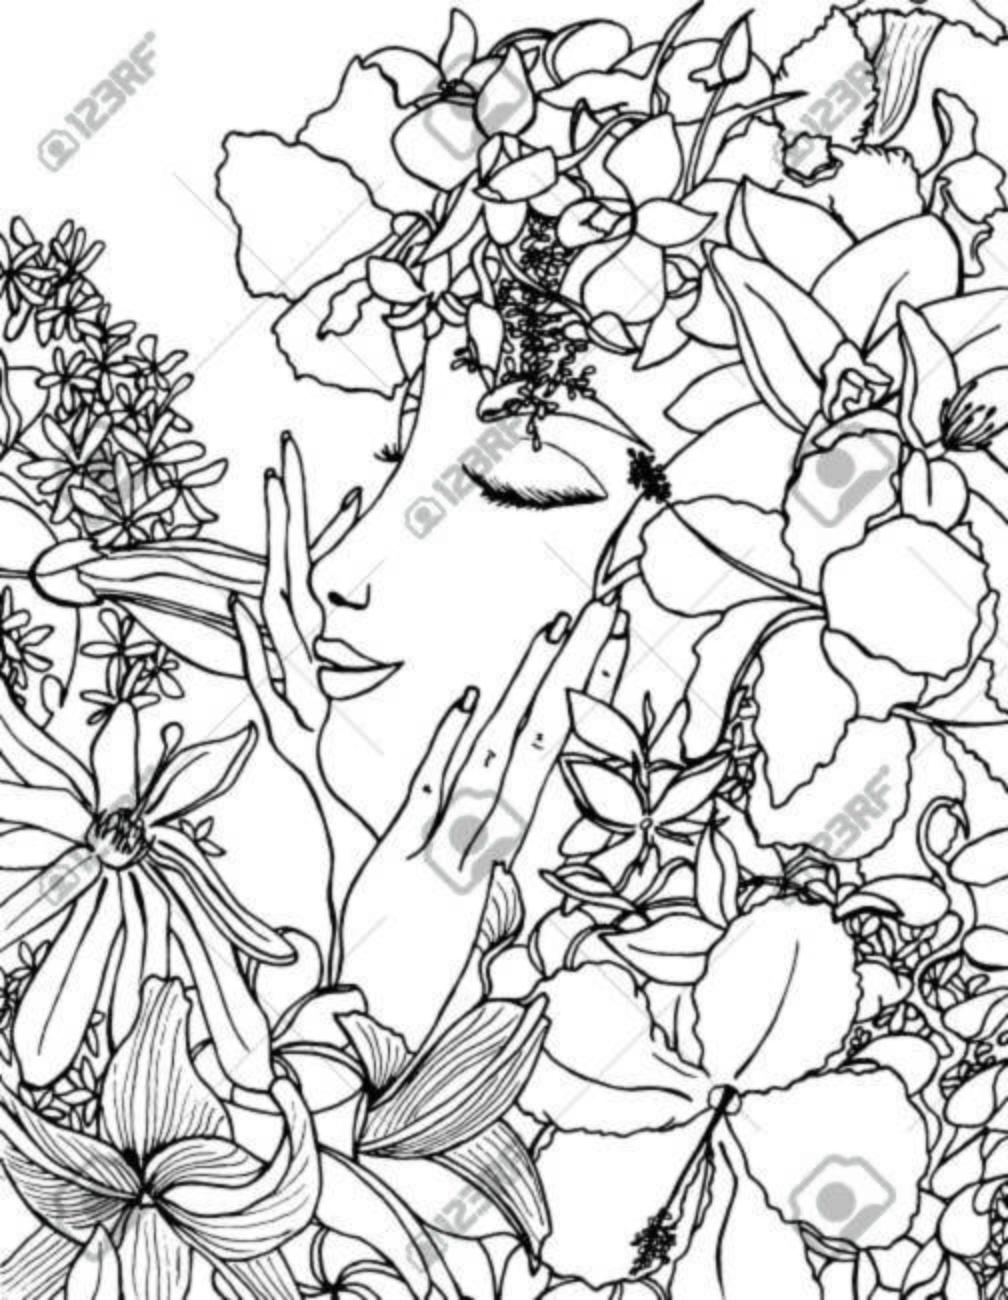 Vector Illustration zentangle Mädchen mit Blumen in ihrem Haar jung und  hübsch. Gekritzelzeichnung, Frühlingsgefühl. Meditative Übung. Malbuch Anti